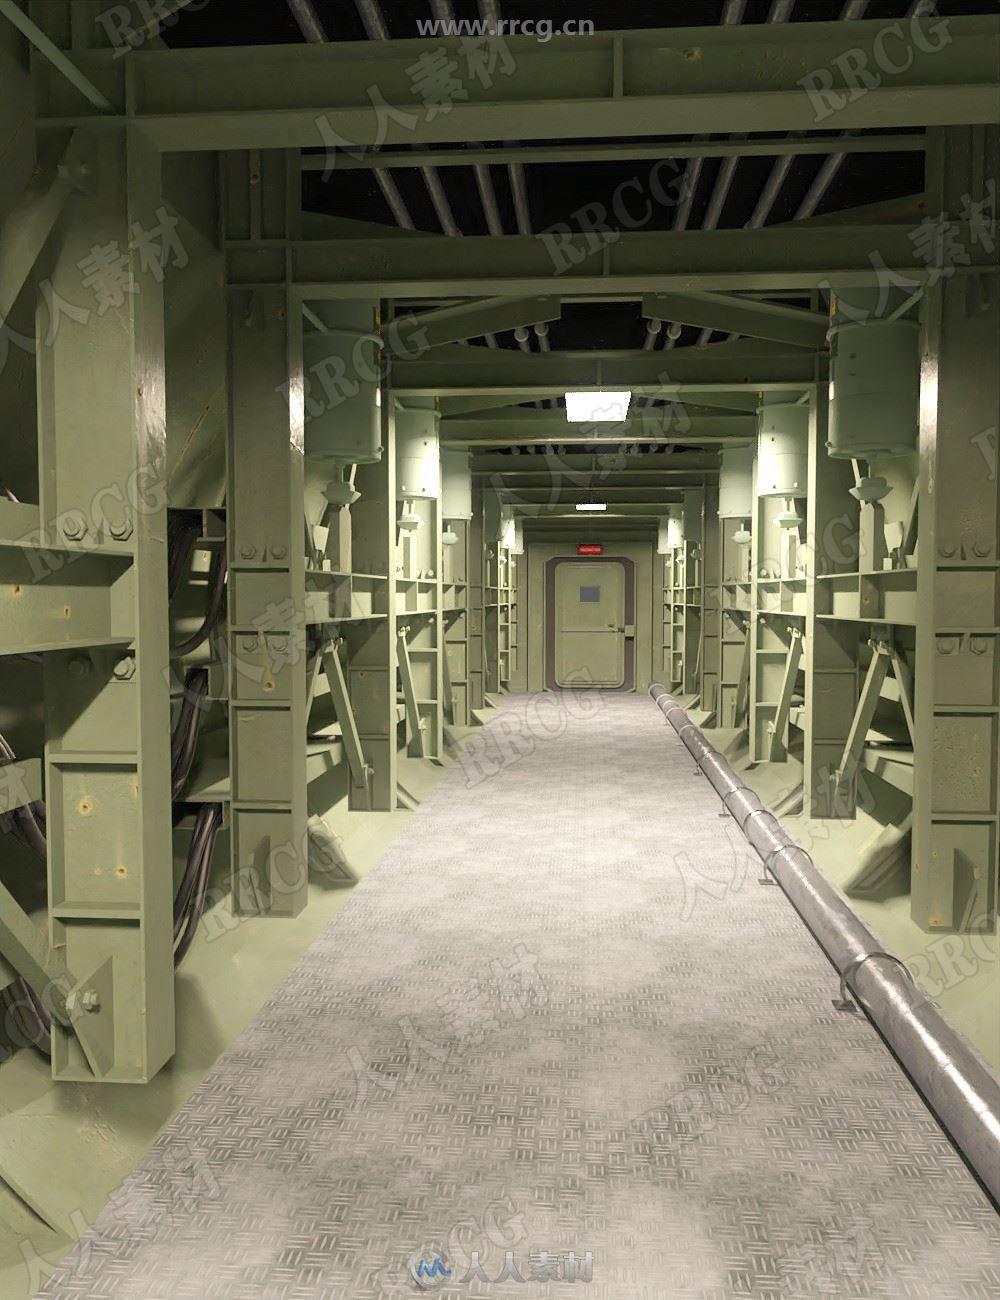 工业军事导弹仓库道具神秘地下走廊3D模型合集